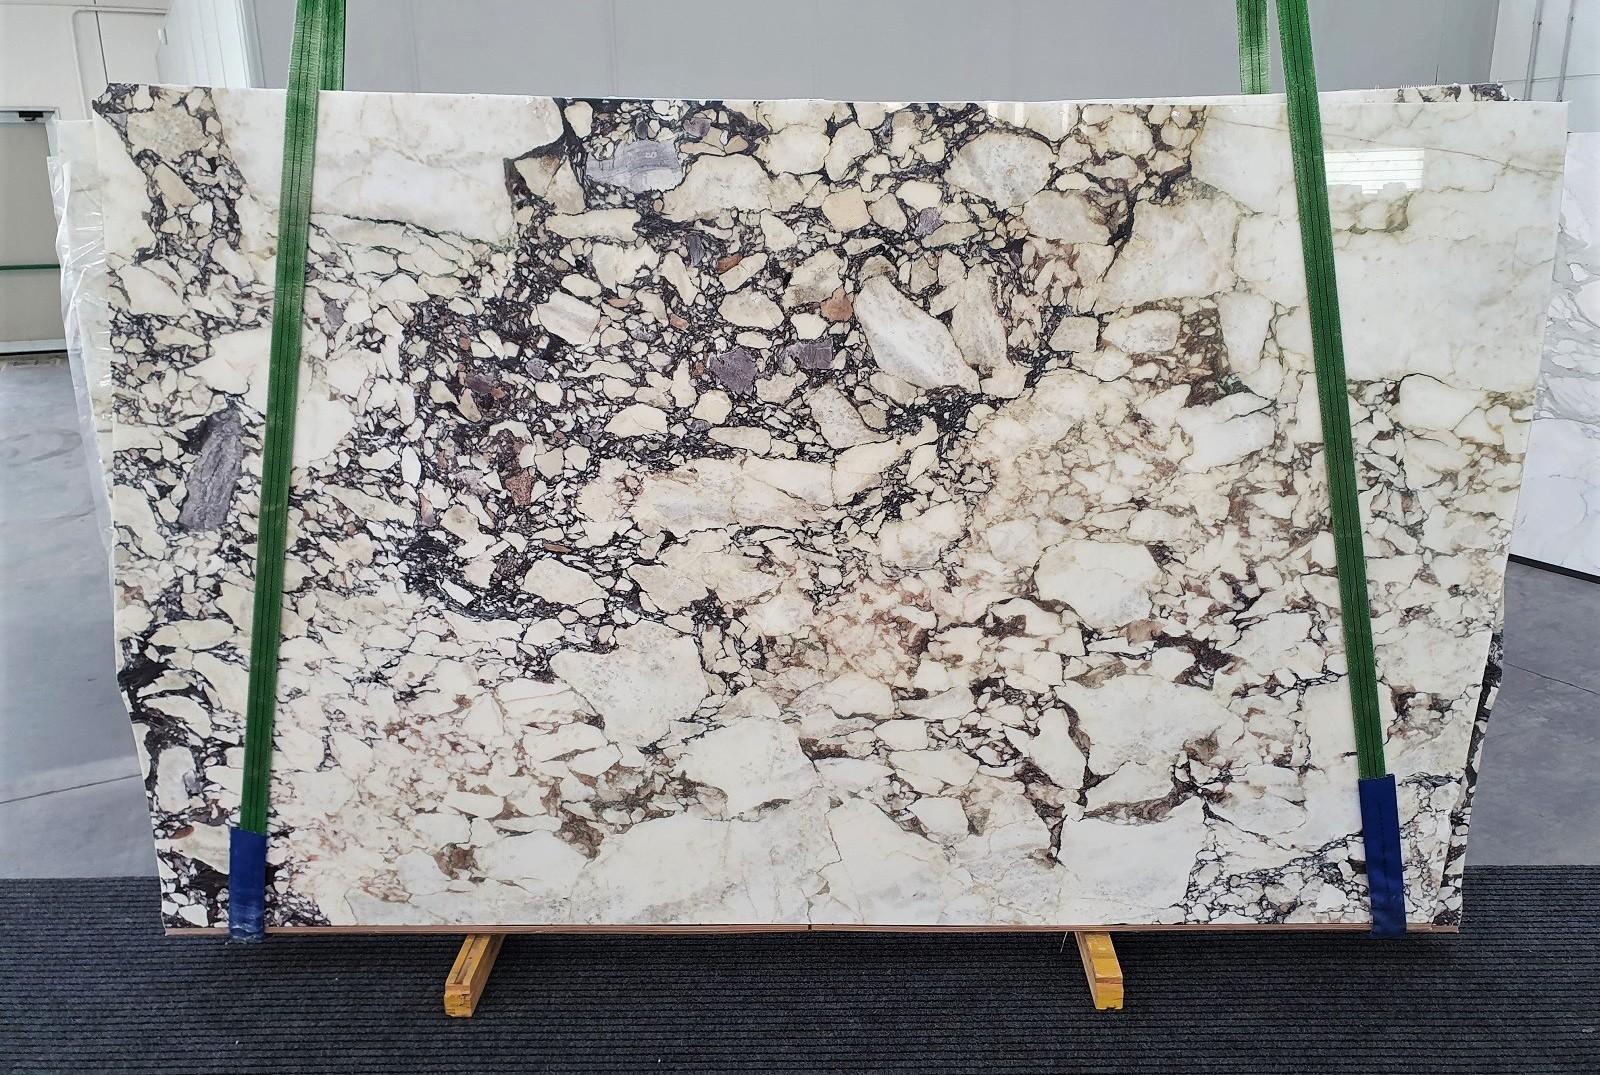 CALACATTA VIOLA Suministro Veneto (Italia) de planchas pulidas en mármol natural 12911 , Bnd02-Slb116